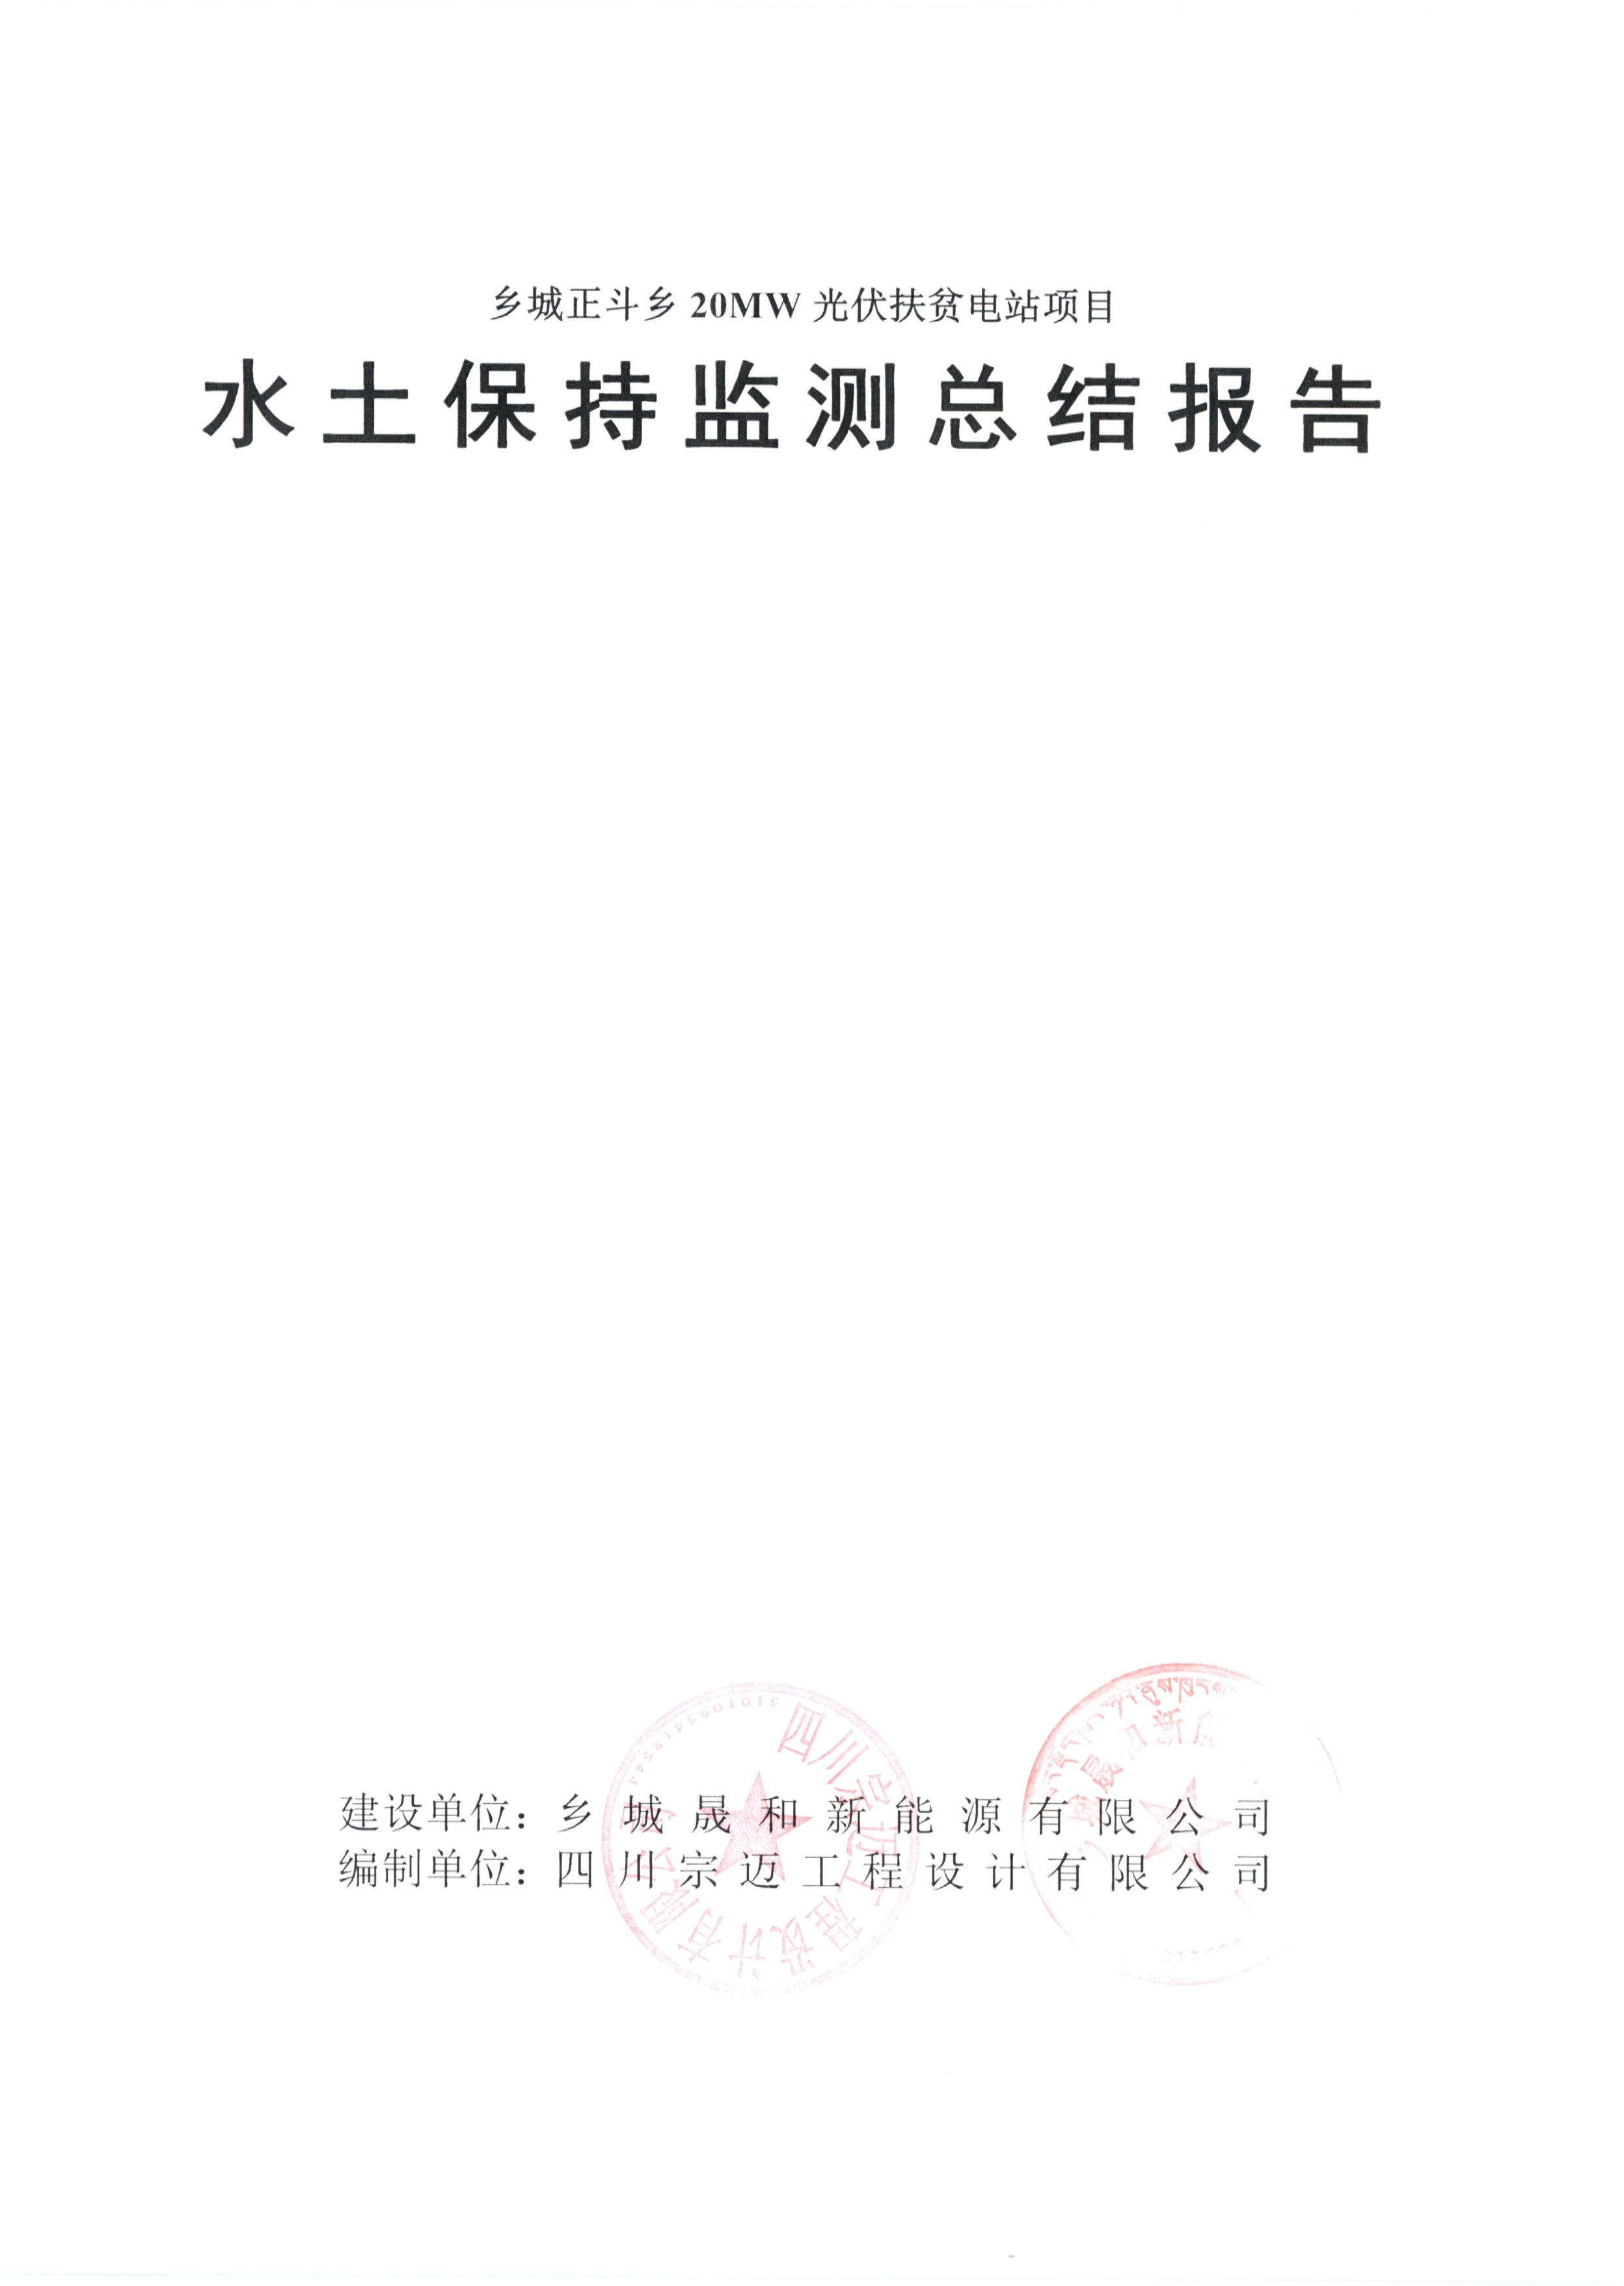 乡城正斗乡20MW扶贫光伏电站项目乐动投注平台监测扉页.jpg